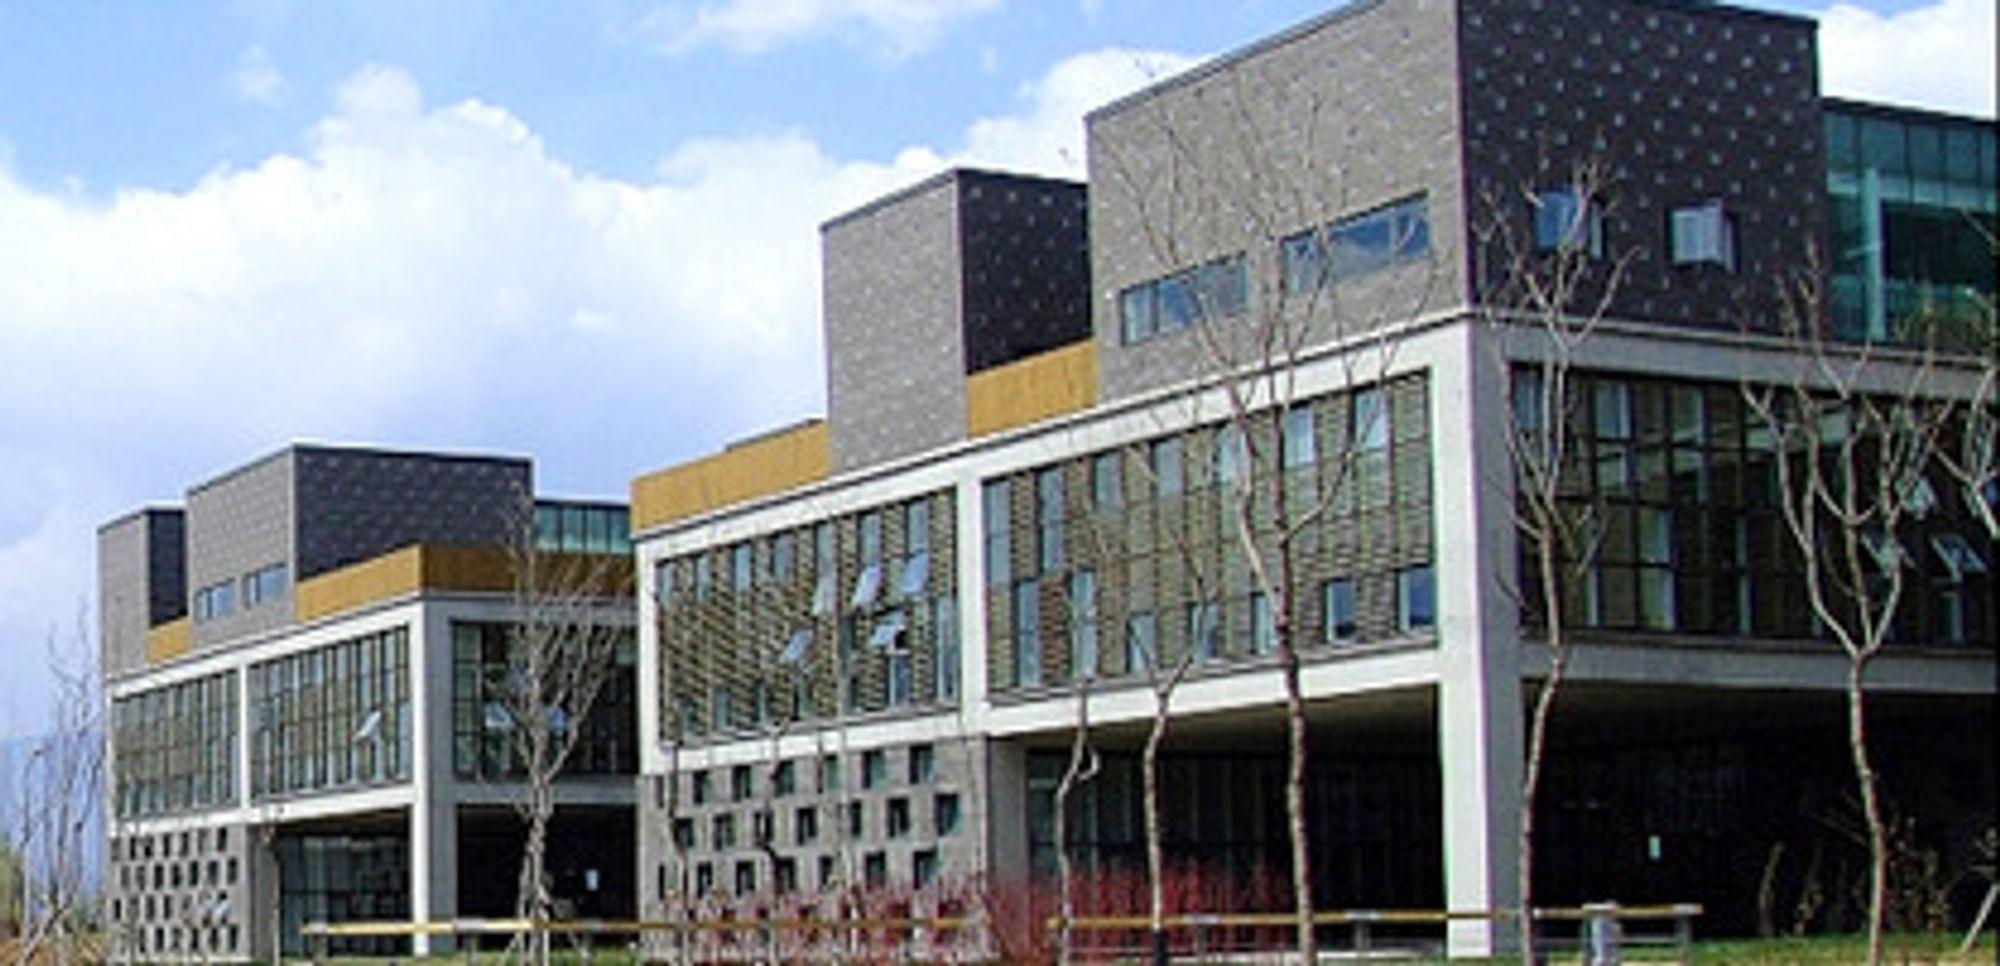 Hovedkvarteret til Ufida i Beijing, Kinas største programvareselskap, målt i markedsverdi.